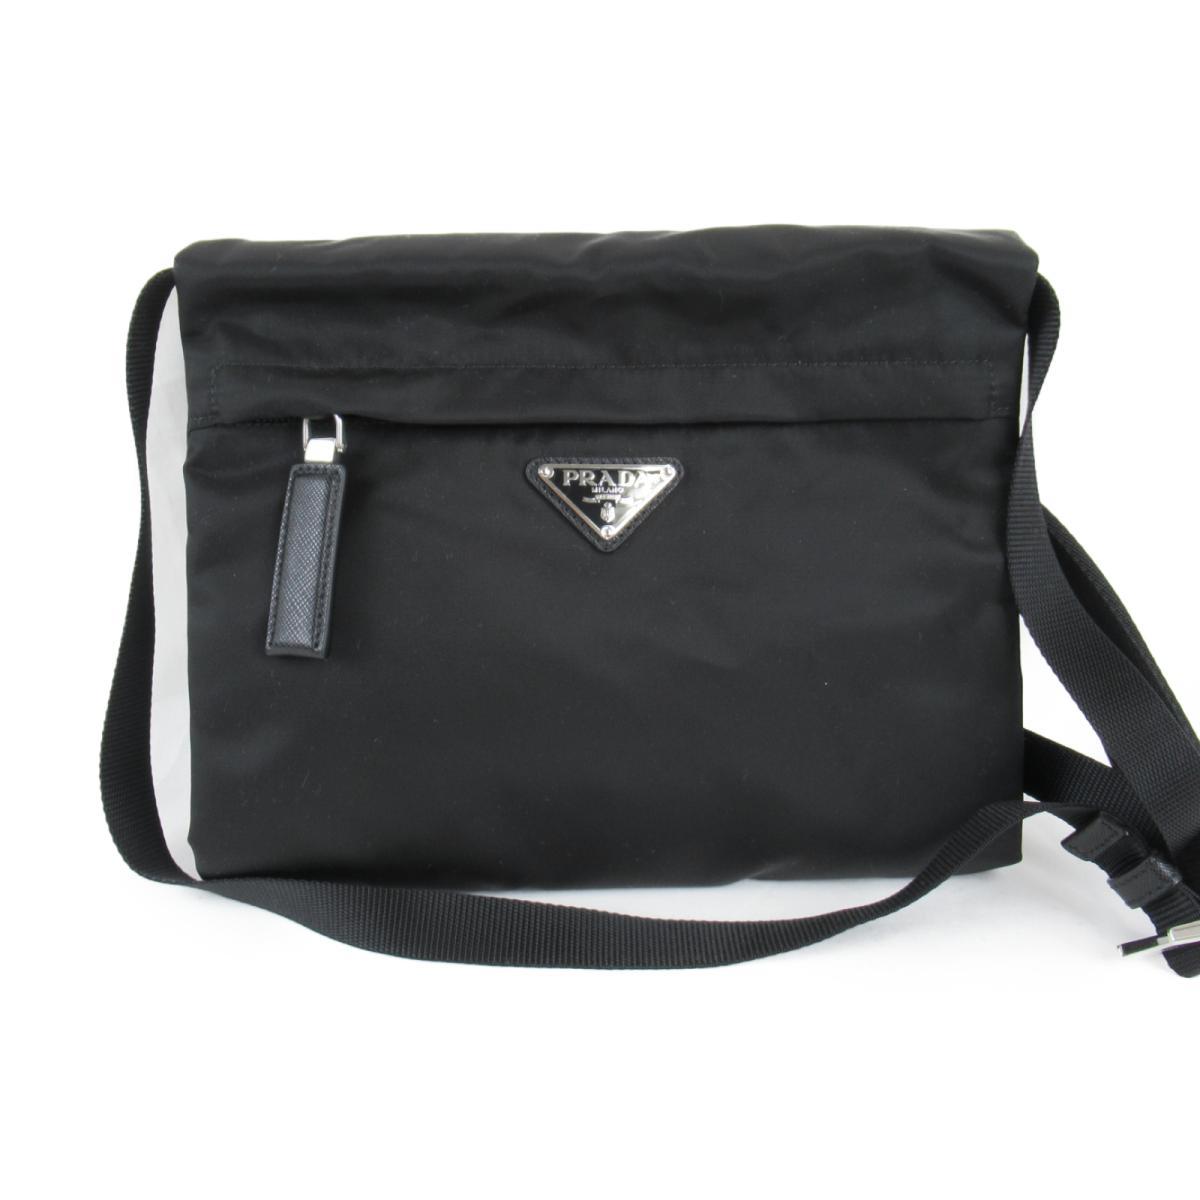 プラダ BAG ナイロン ショルダーバッグ メンズ レディース ブラック (2VH0582B2YF0002) | PRADA BRANDOFF ブランドオフ ブランド ブランドバッグ ブランドバック かばん バッグ バックバック 肩かけ